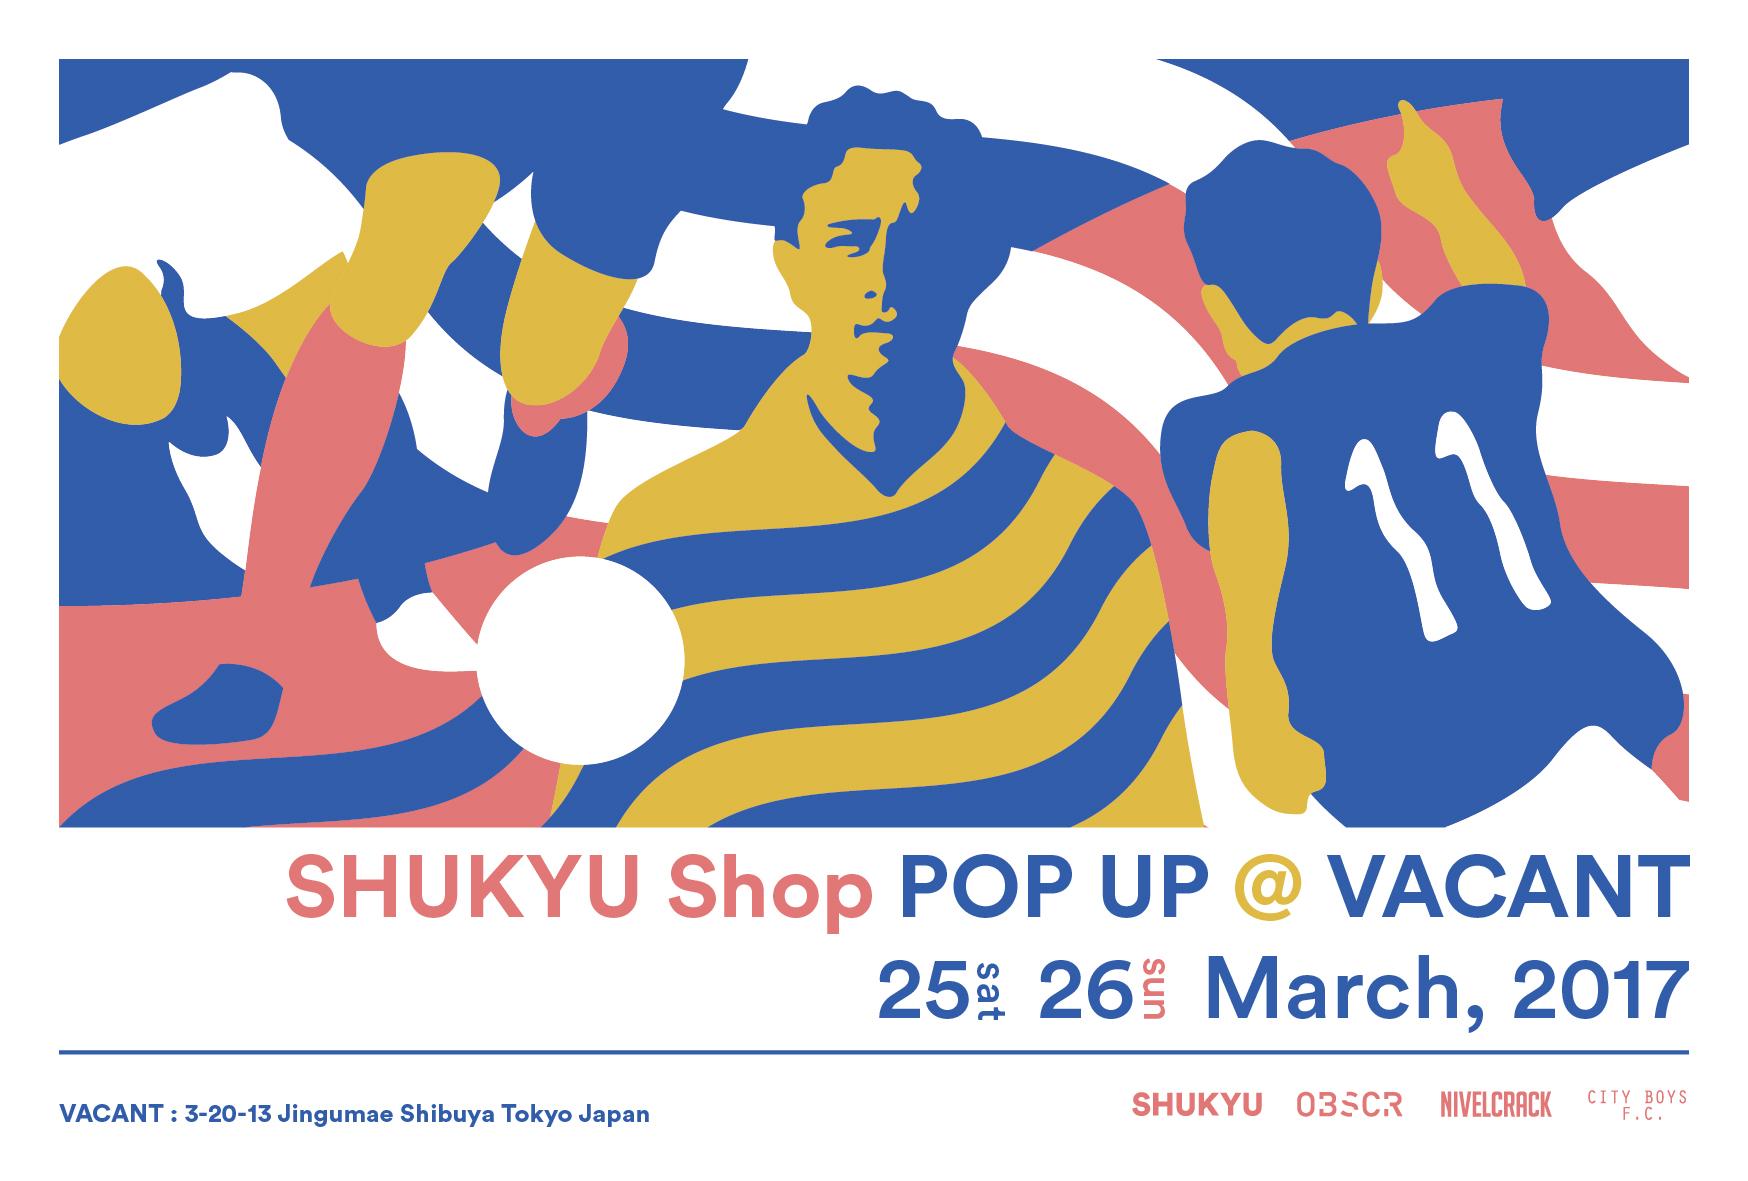 SHUKYU Shop